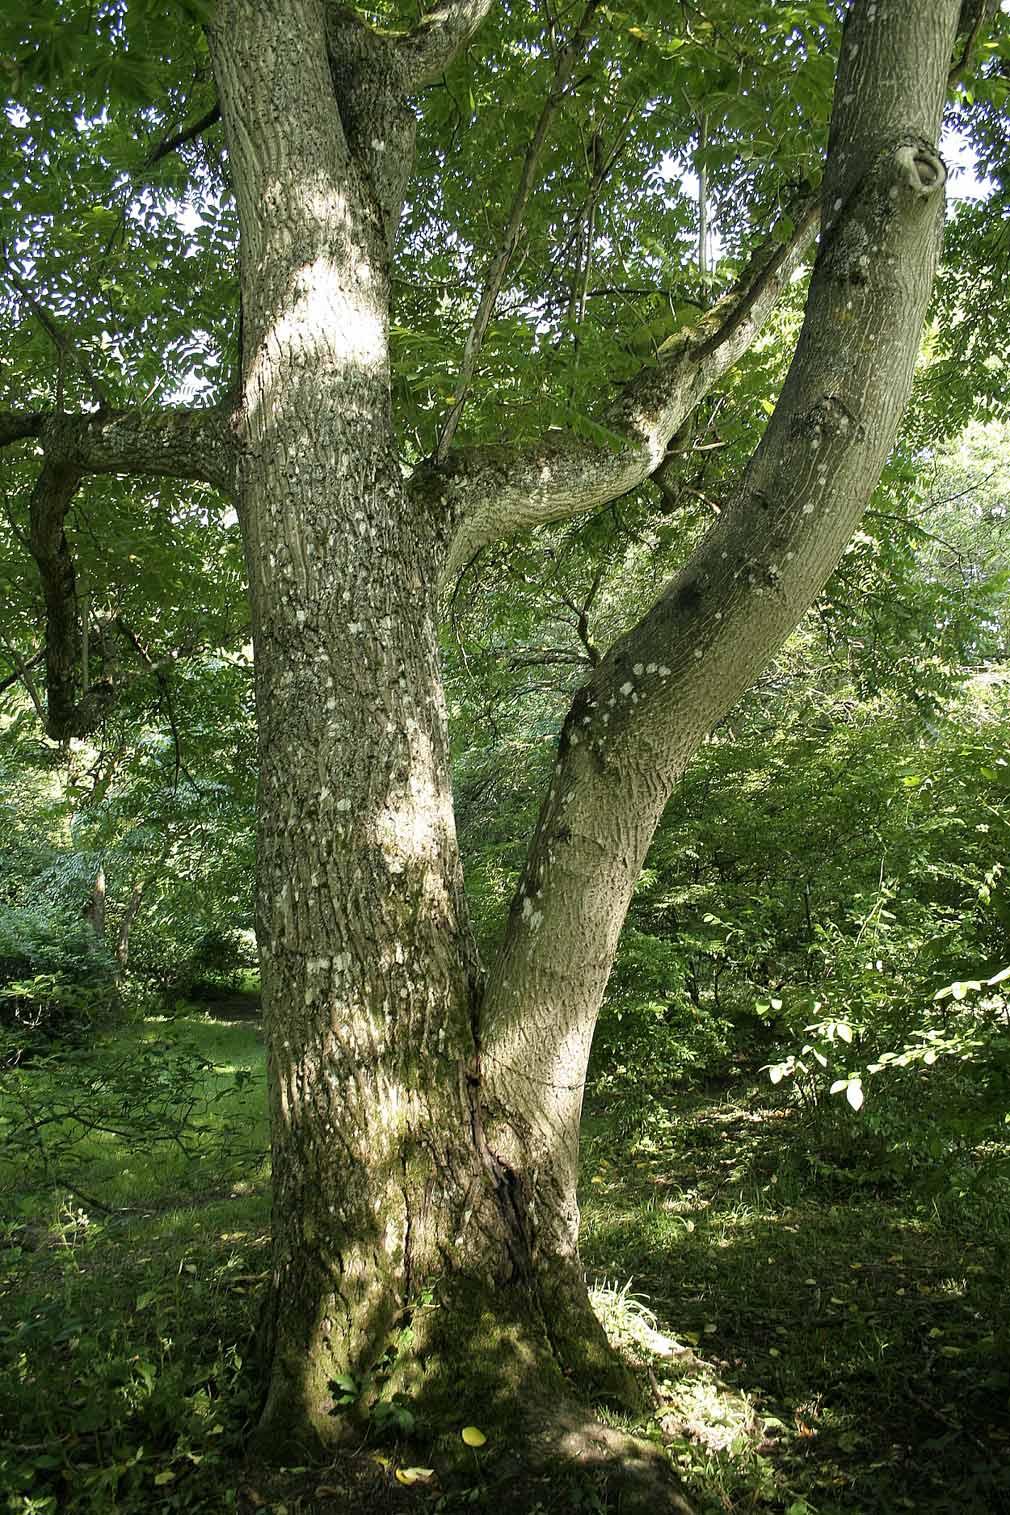 Корейский кедр: Богатство растительных кормов в широколиственных лесах